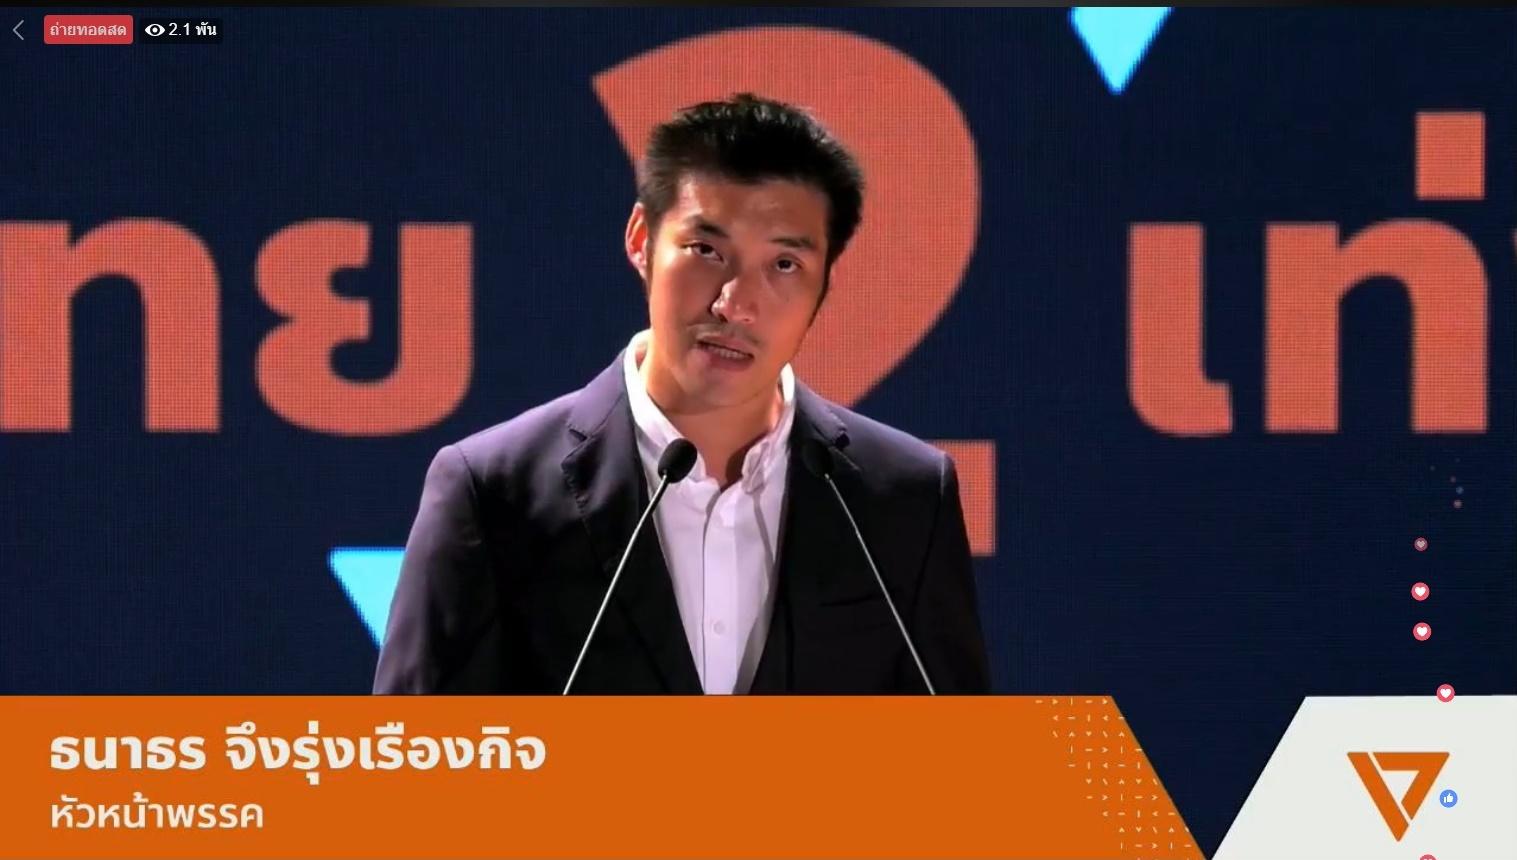 """""""ธนาธร"""" แถลงบทบาทพรรคอนาคตใหม่ ลั่นพื่อเสนอเส้นทางใหม่ให้สังคมไทย"""